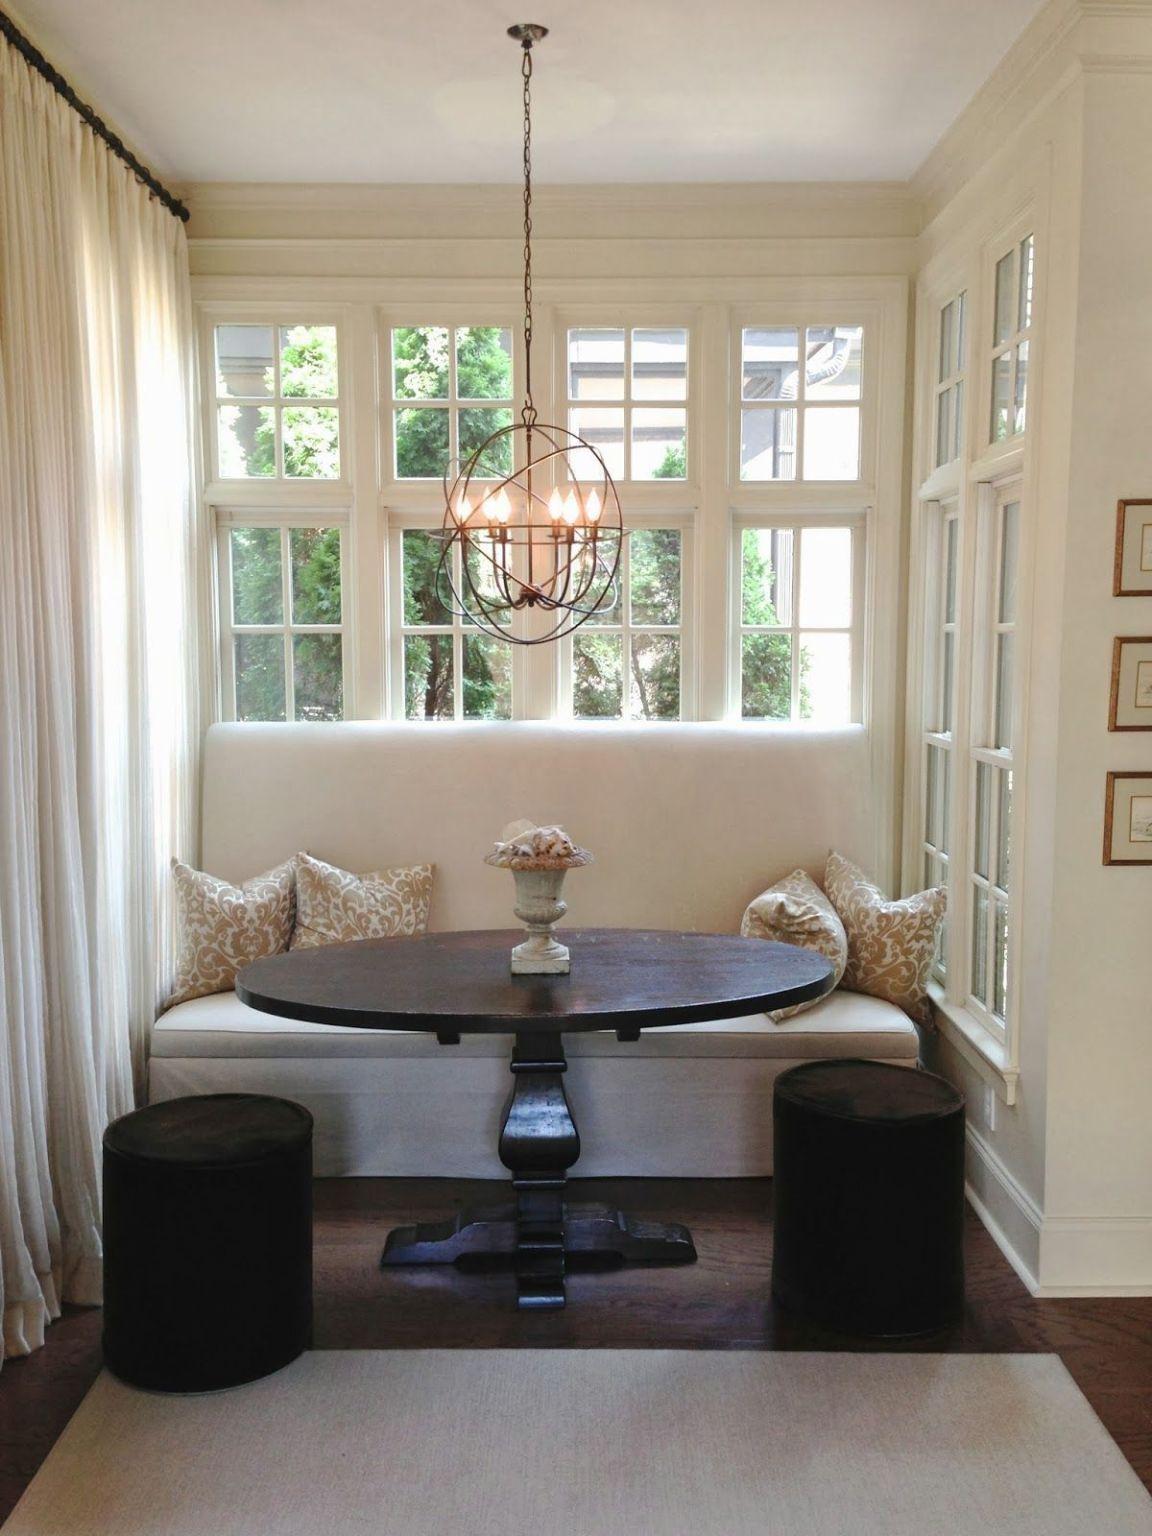 20 Exquisite Corner Breakfast Nook Ideas in Various Styles ...